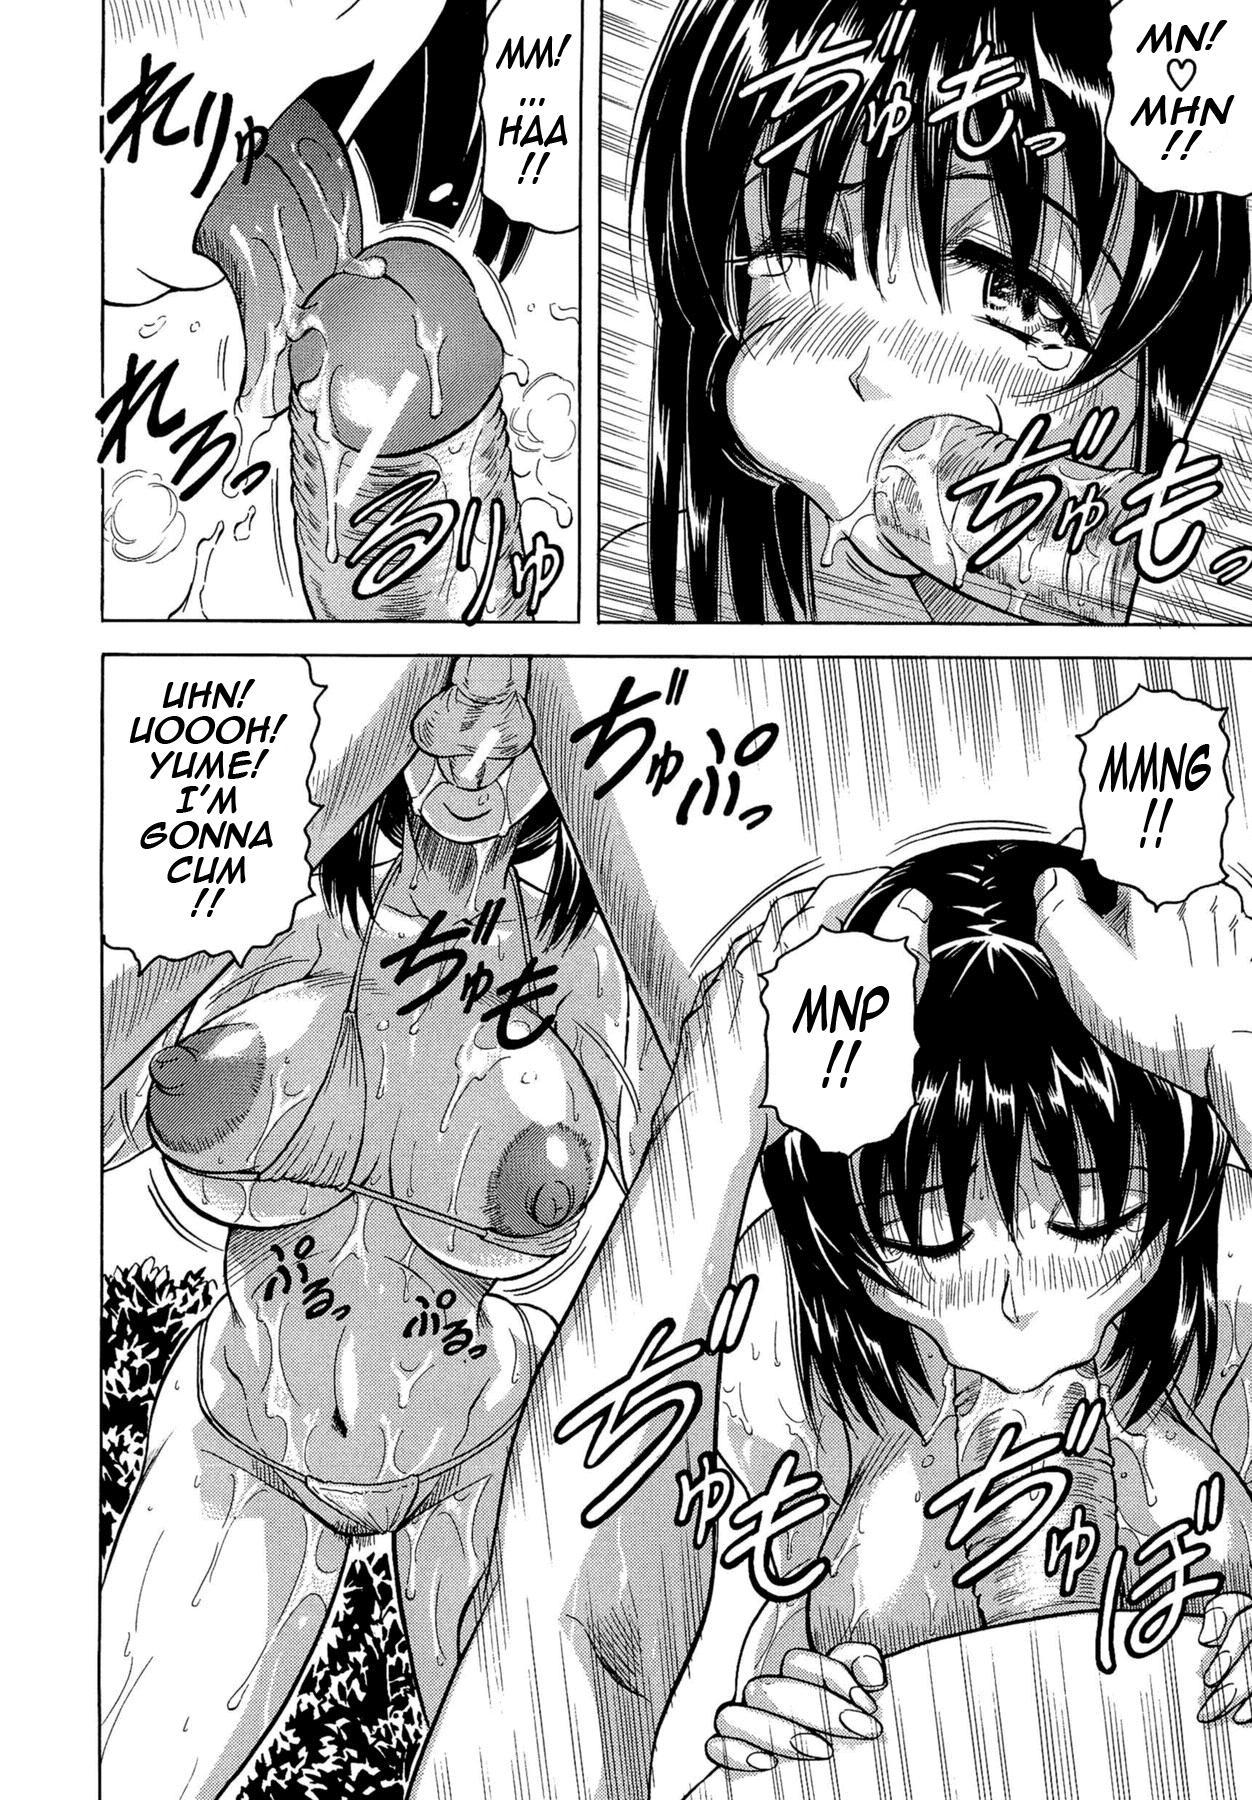 [Jamming] Koibito ha Tonari no Oneesan (Hatsujyouki) | My Lover is the Girl Next Door [English] {Tadanohito} 203